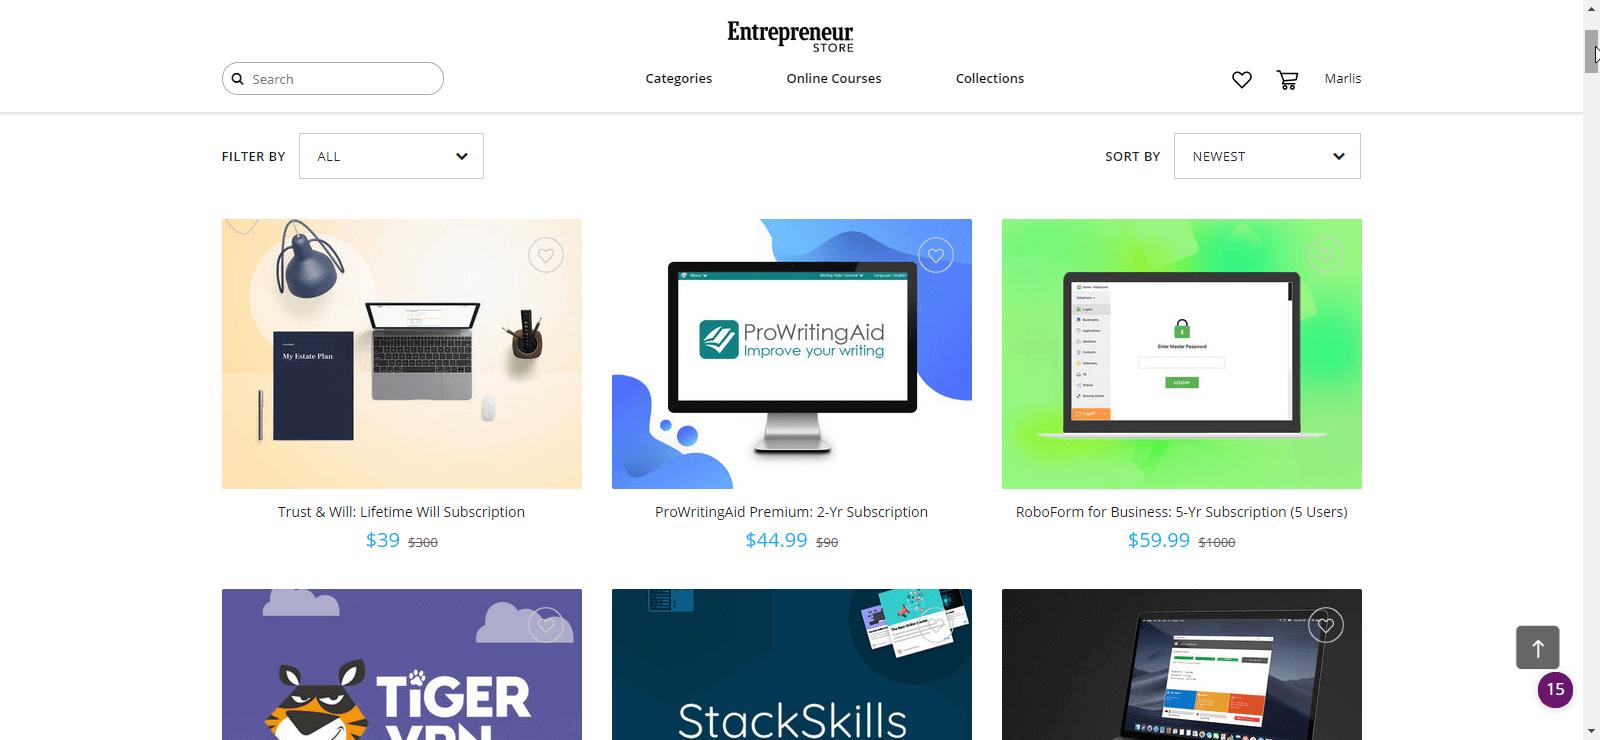 Software und Online-Kurse für Entrepreneure